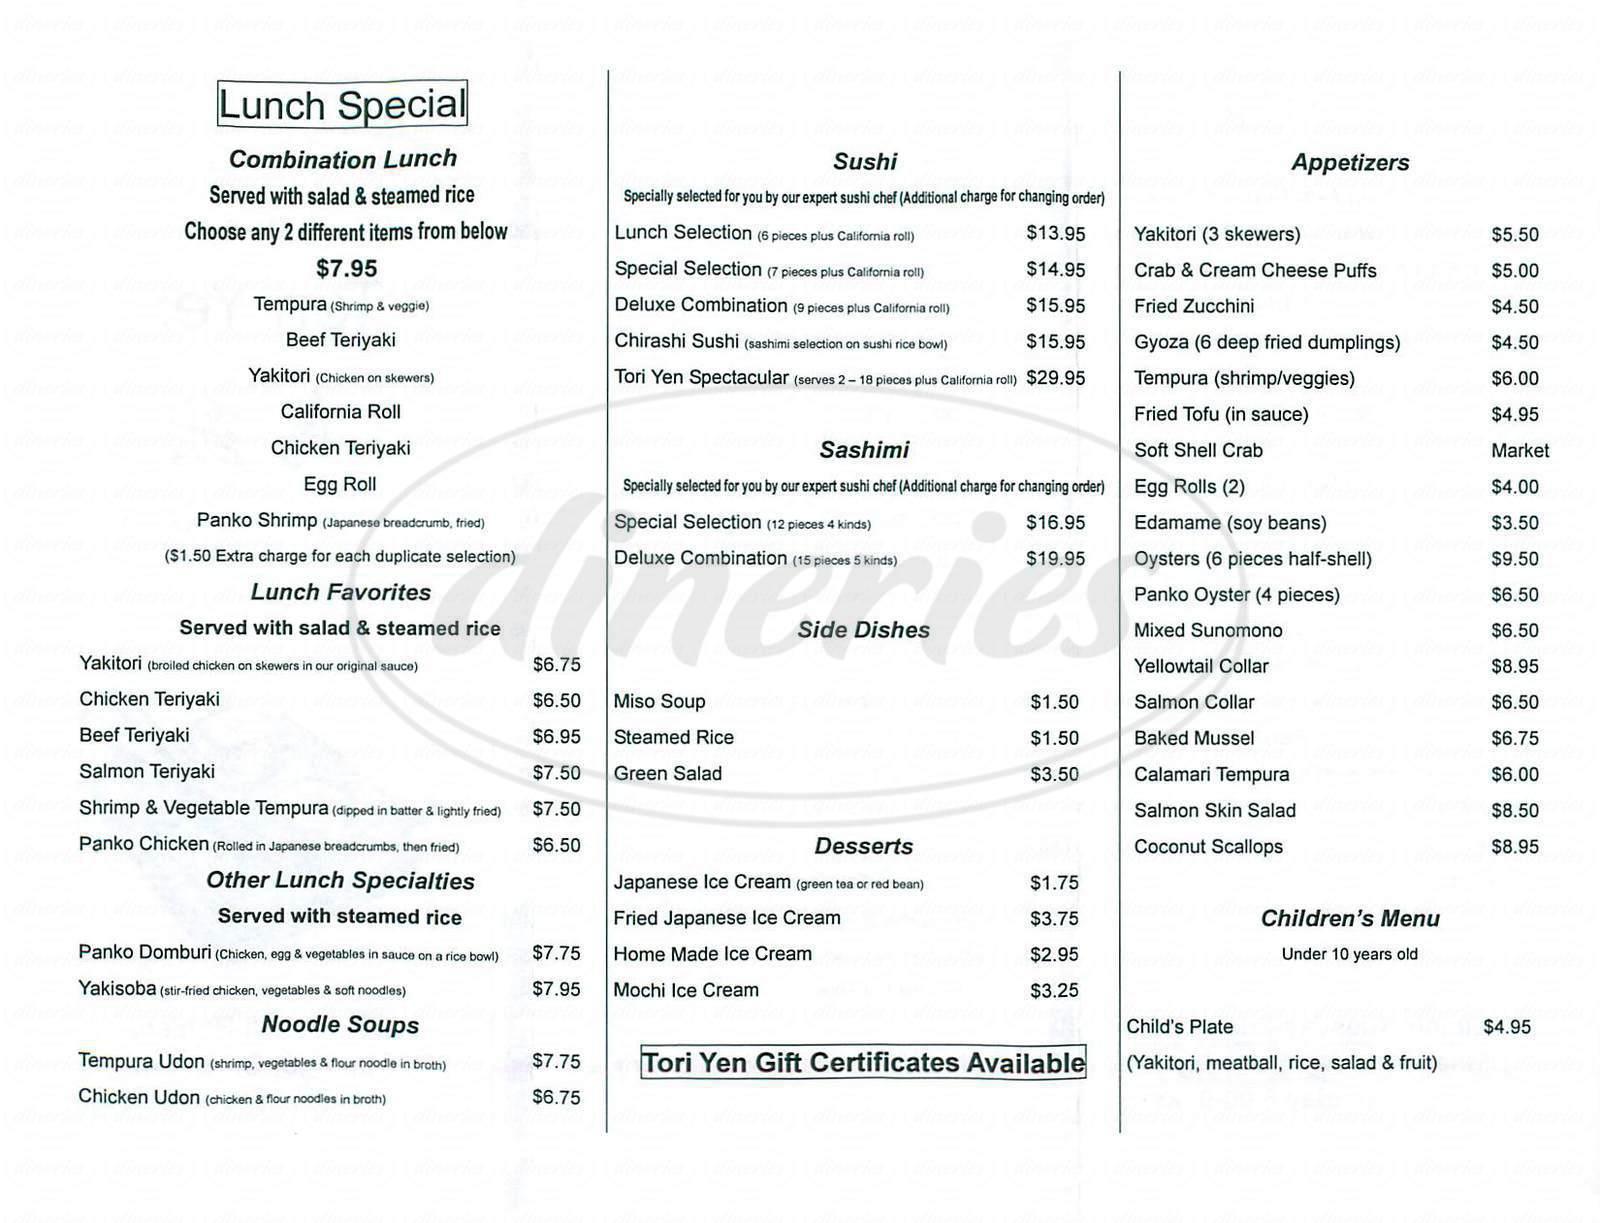 menu for Tori Yen